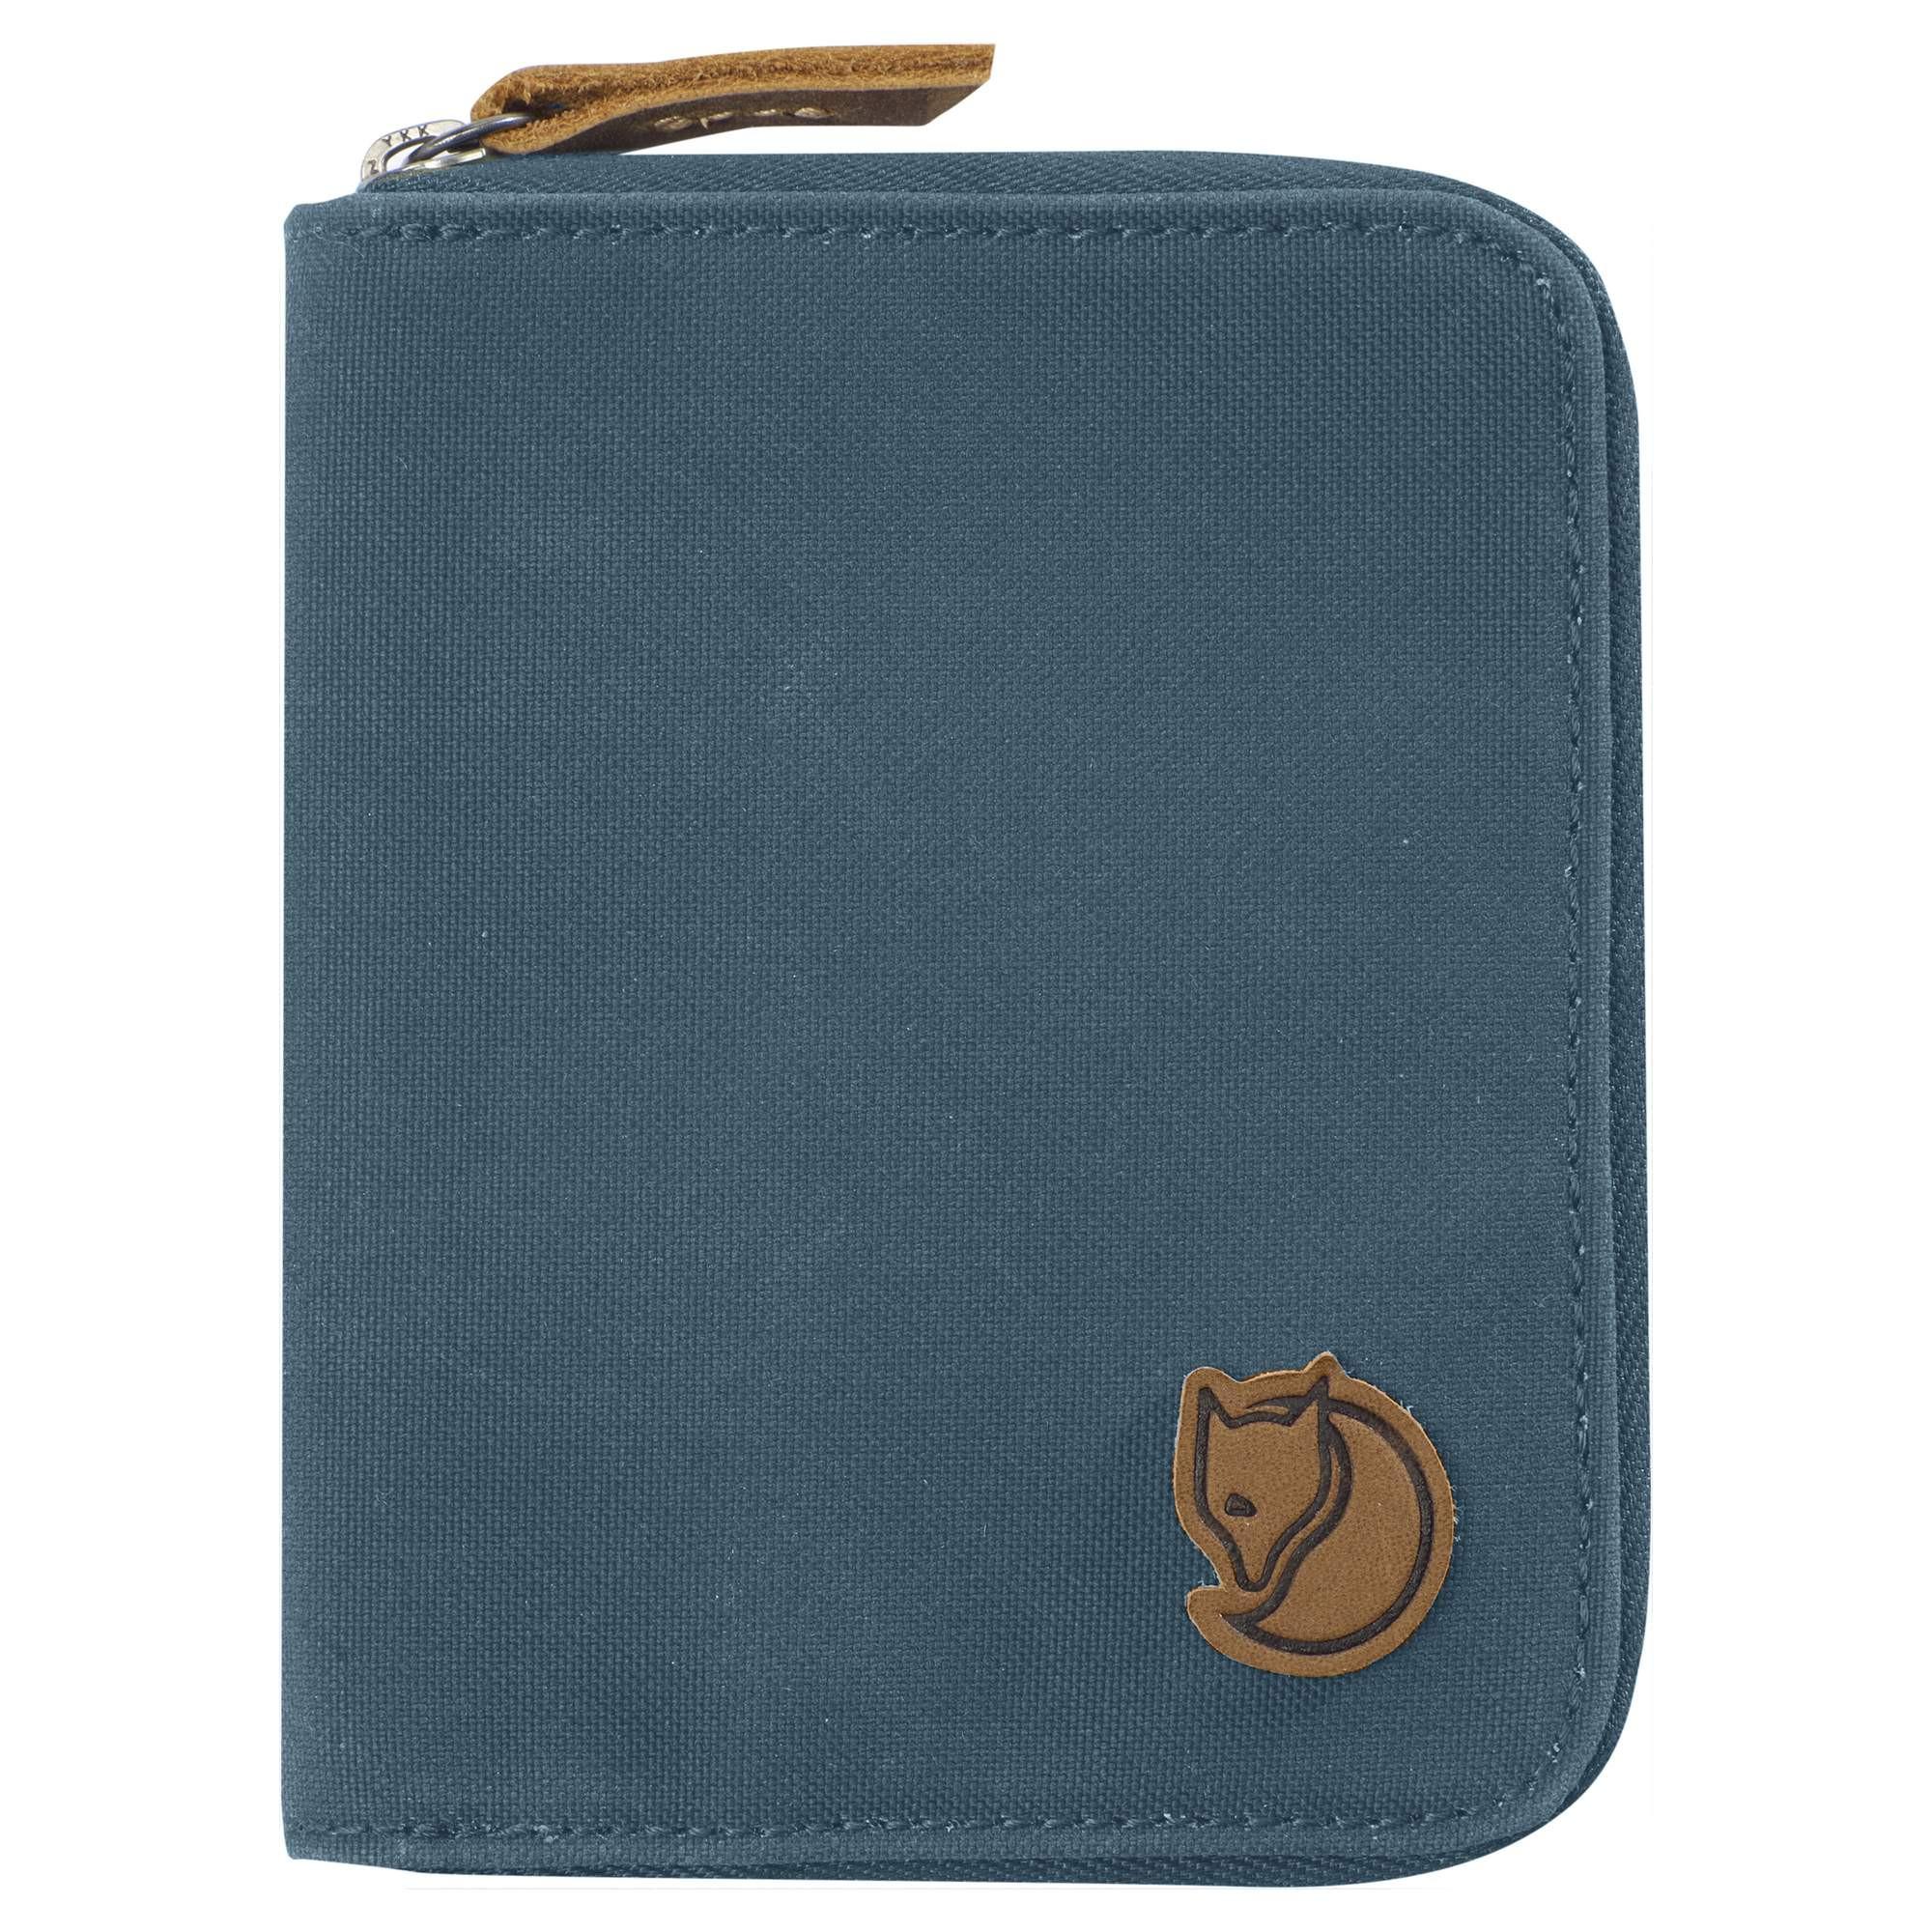 7189aa2ac922e Portfel Zip Wallet - Fjallraven